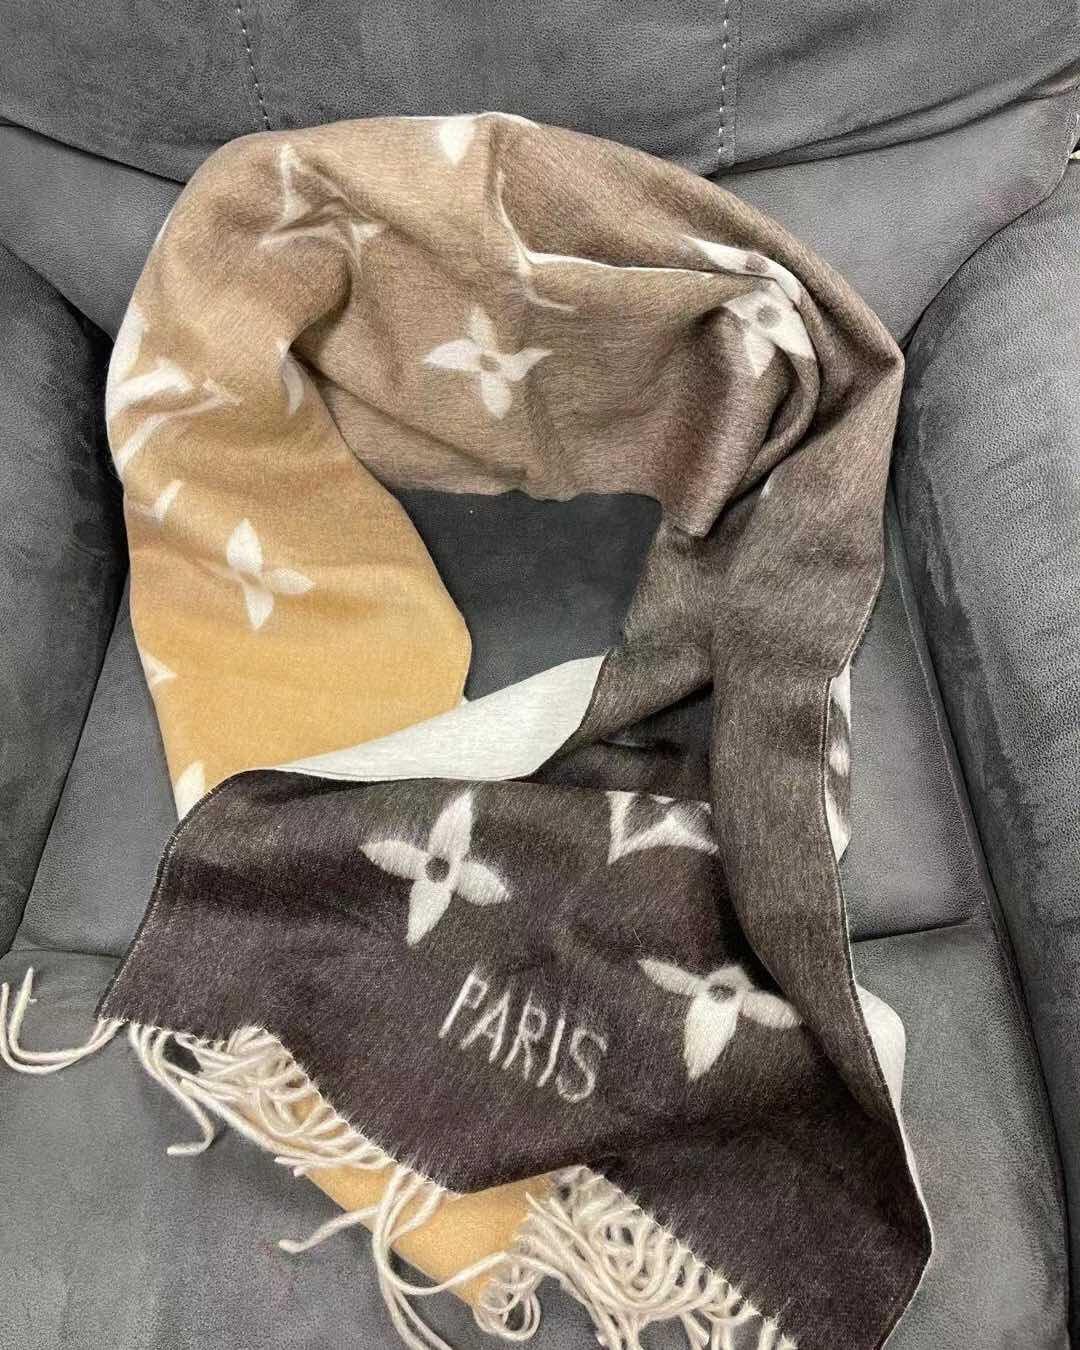 驼色渐变围巾真的太美了, 配色是那种洋气中带着温油的赶脚~秋